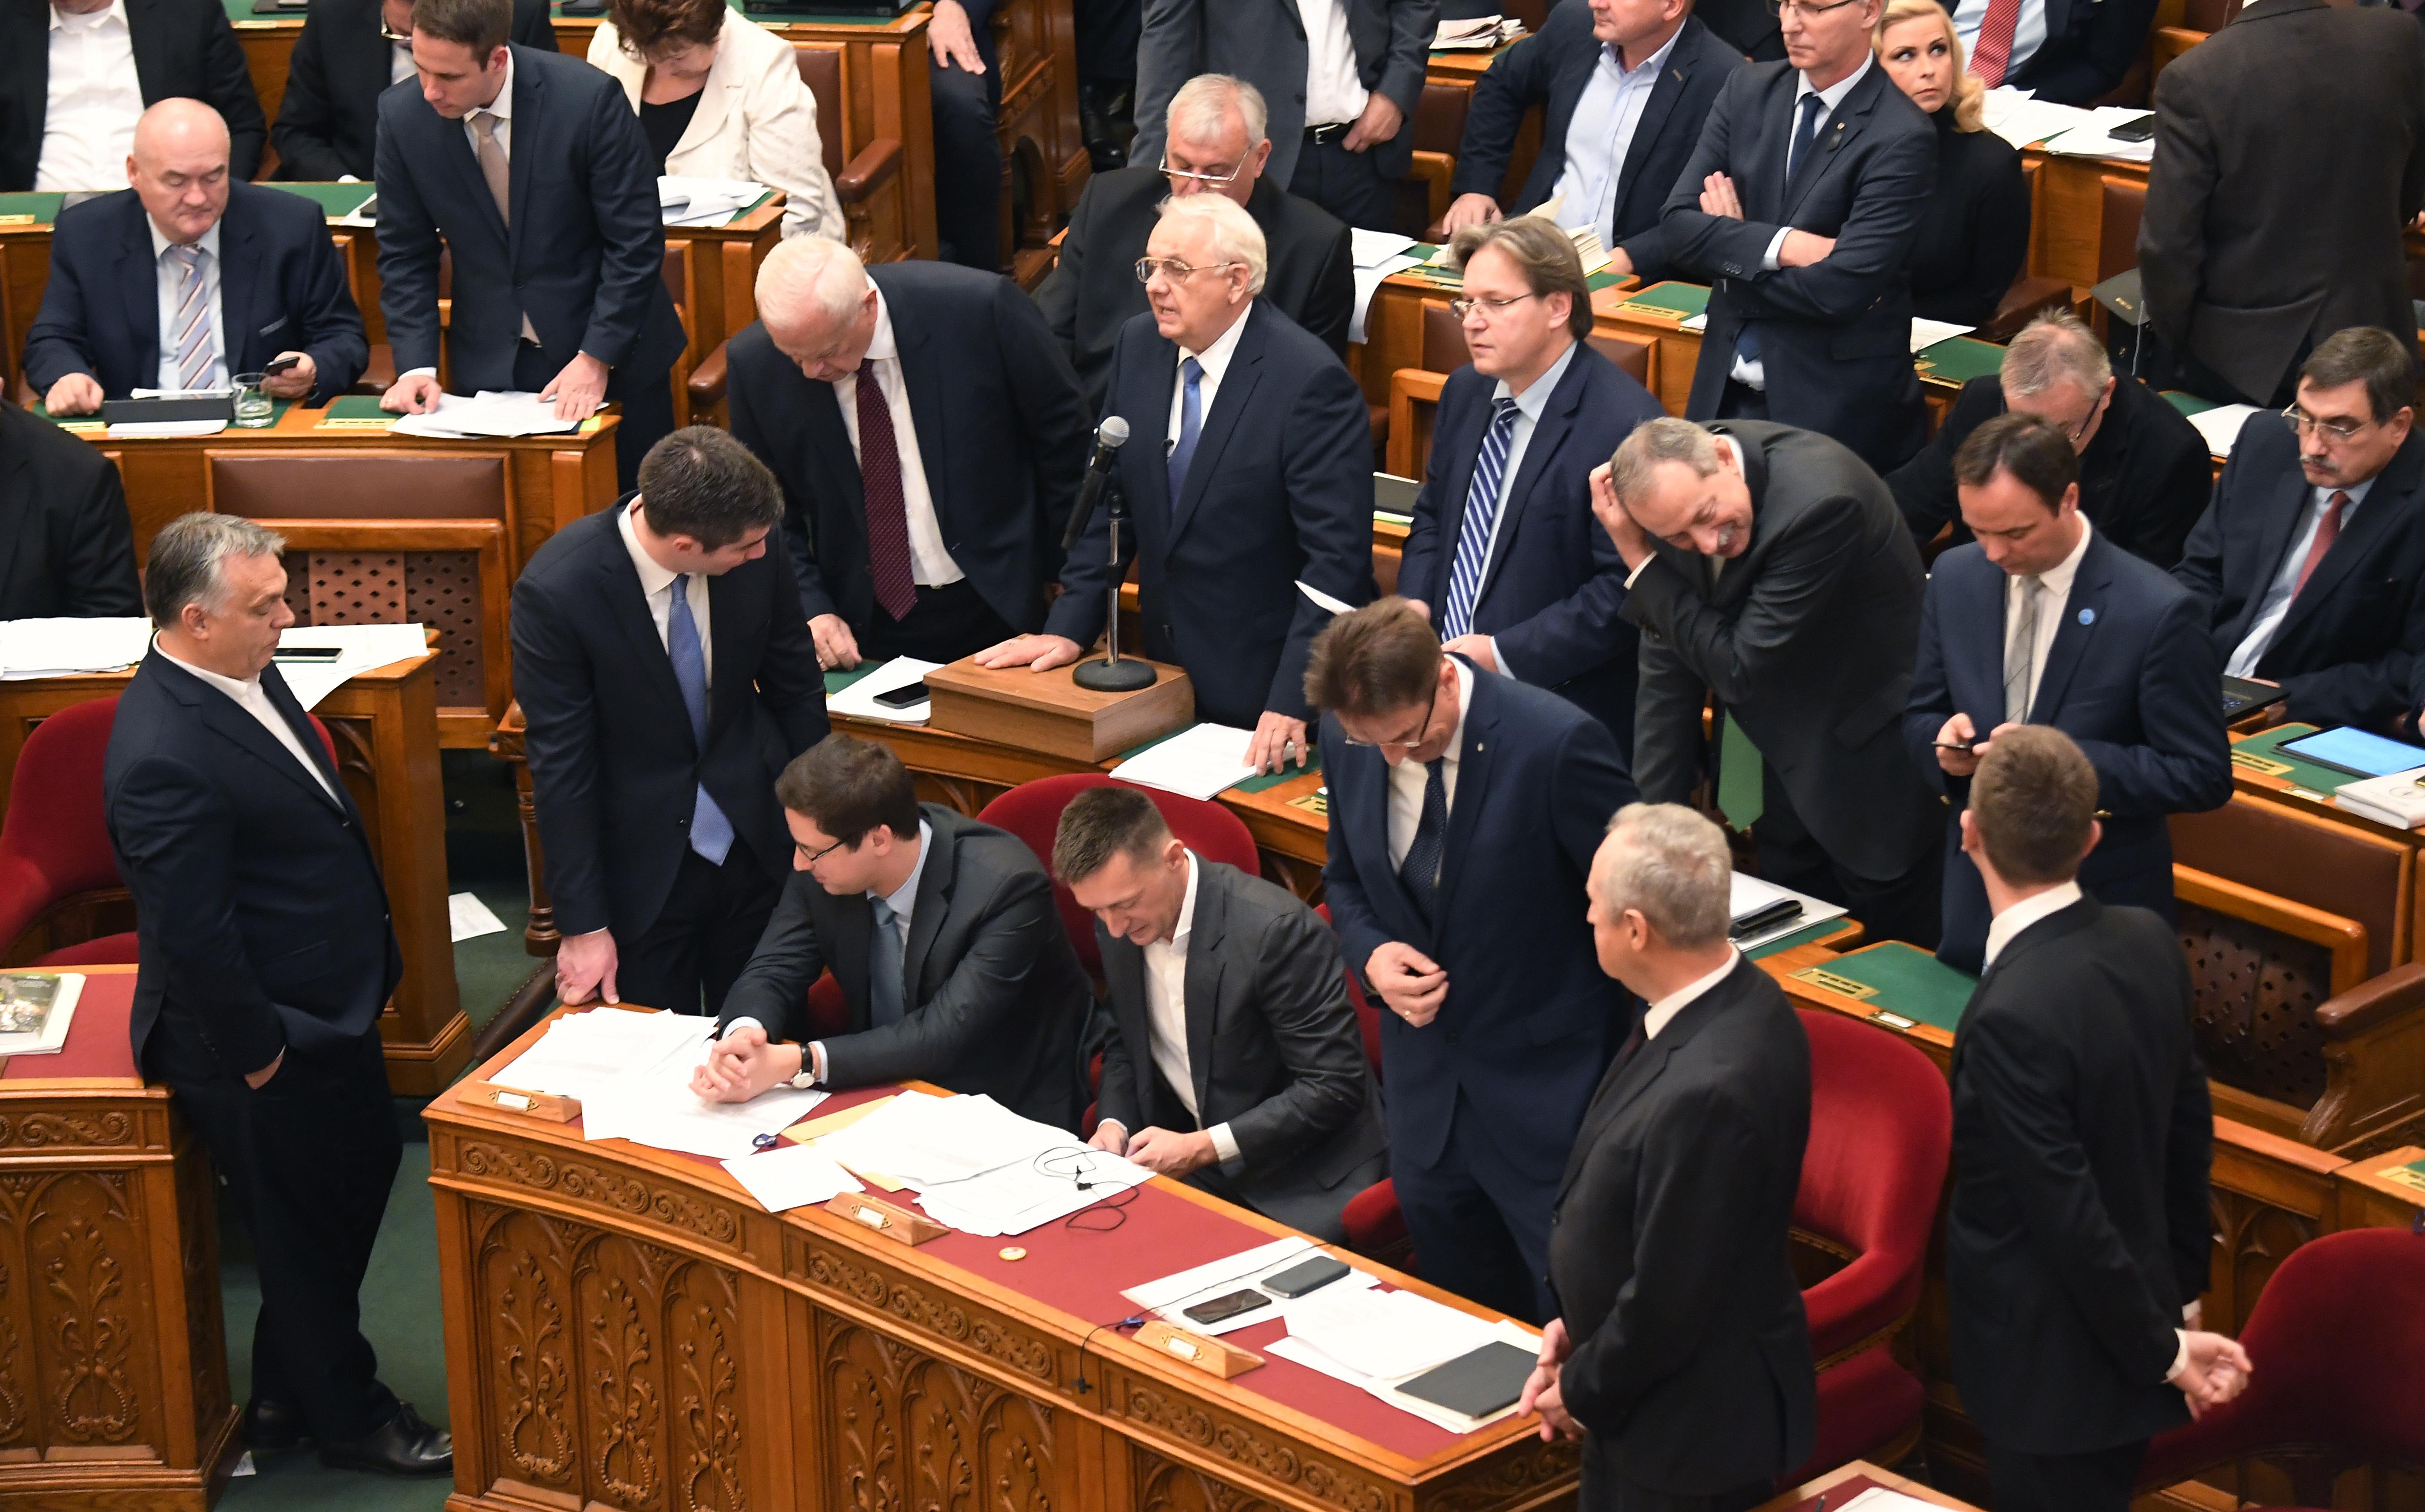 Latorcai az ellenzéki képviselők miatt szigorítaná a Házszabályt